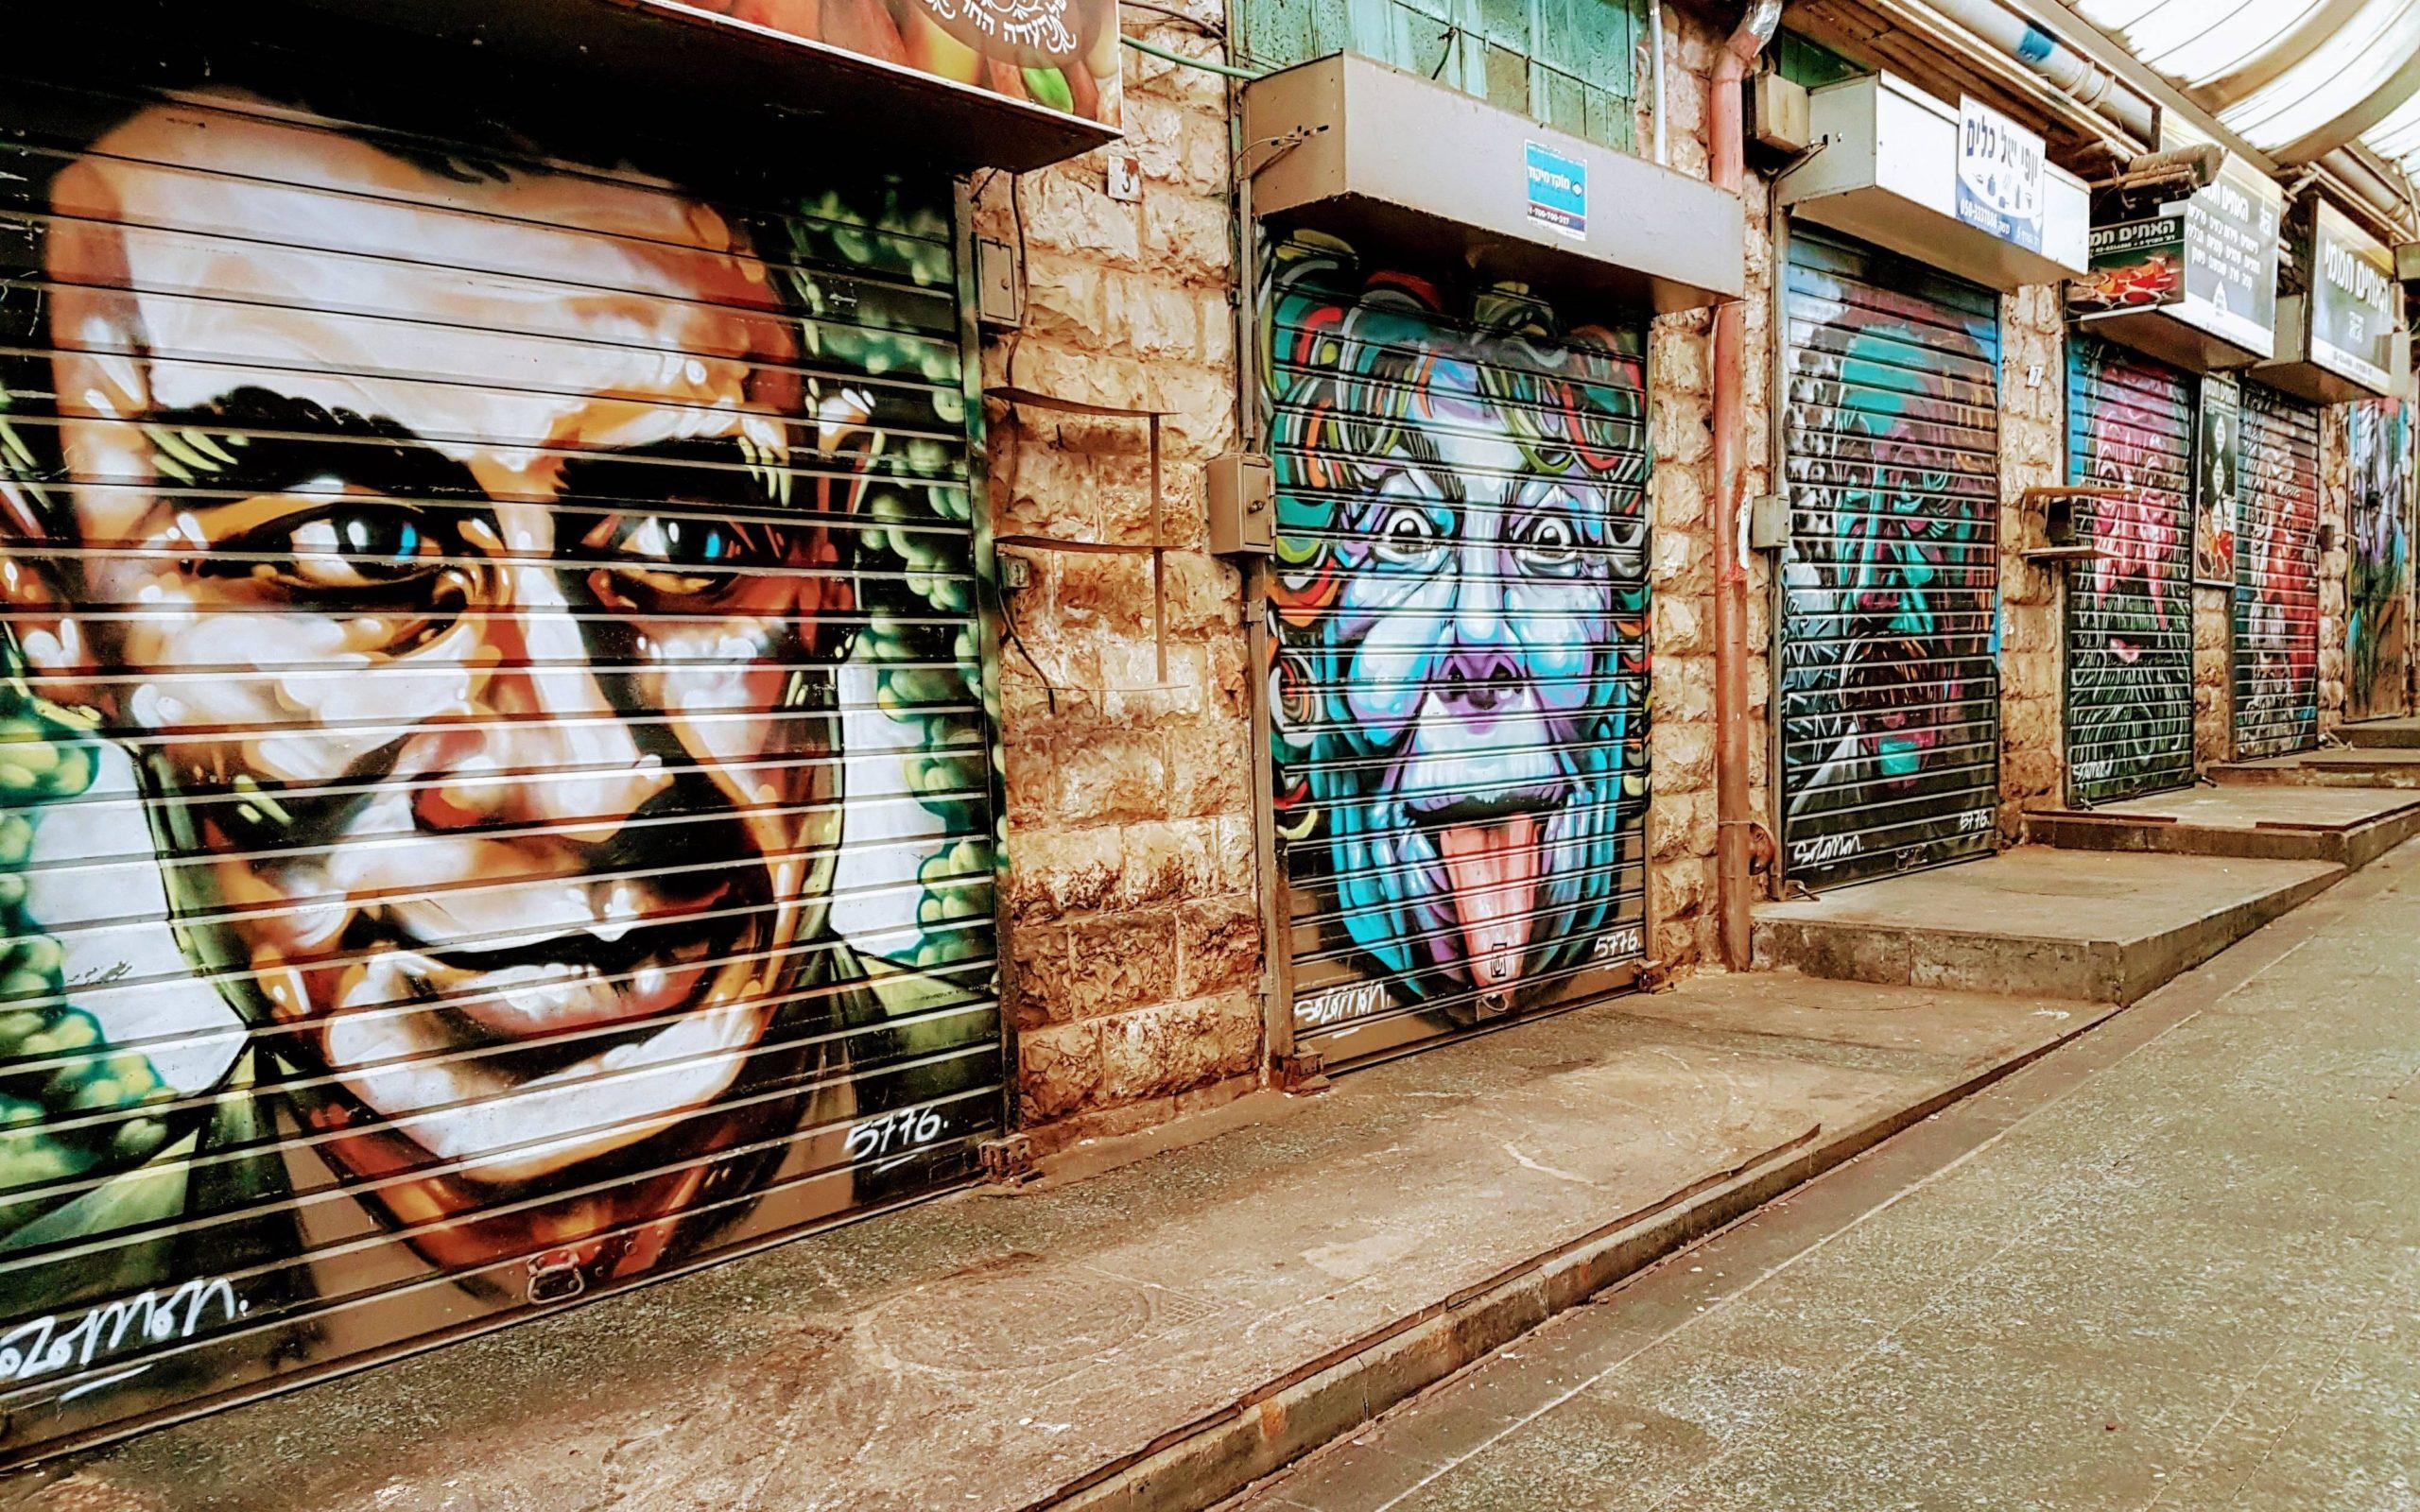 סיור גרפיטי במרכז הסצנה הירושלמית